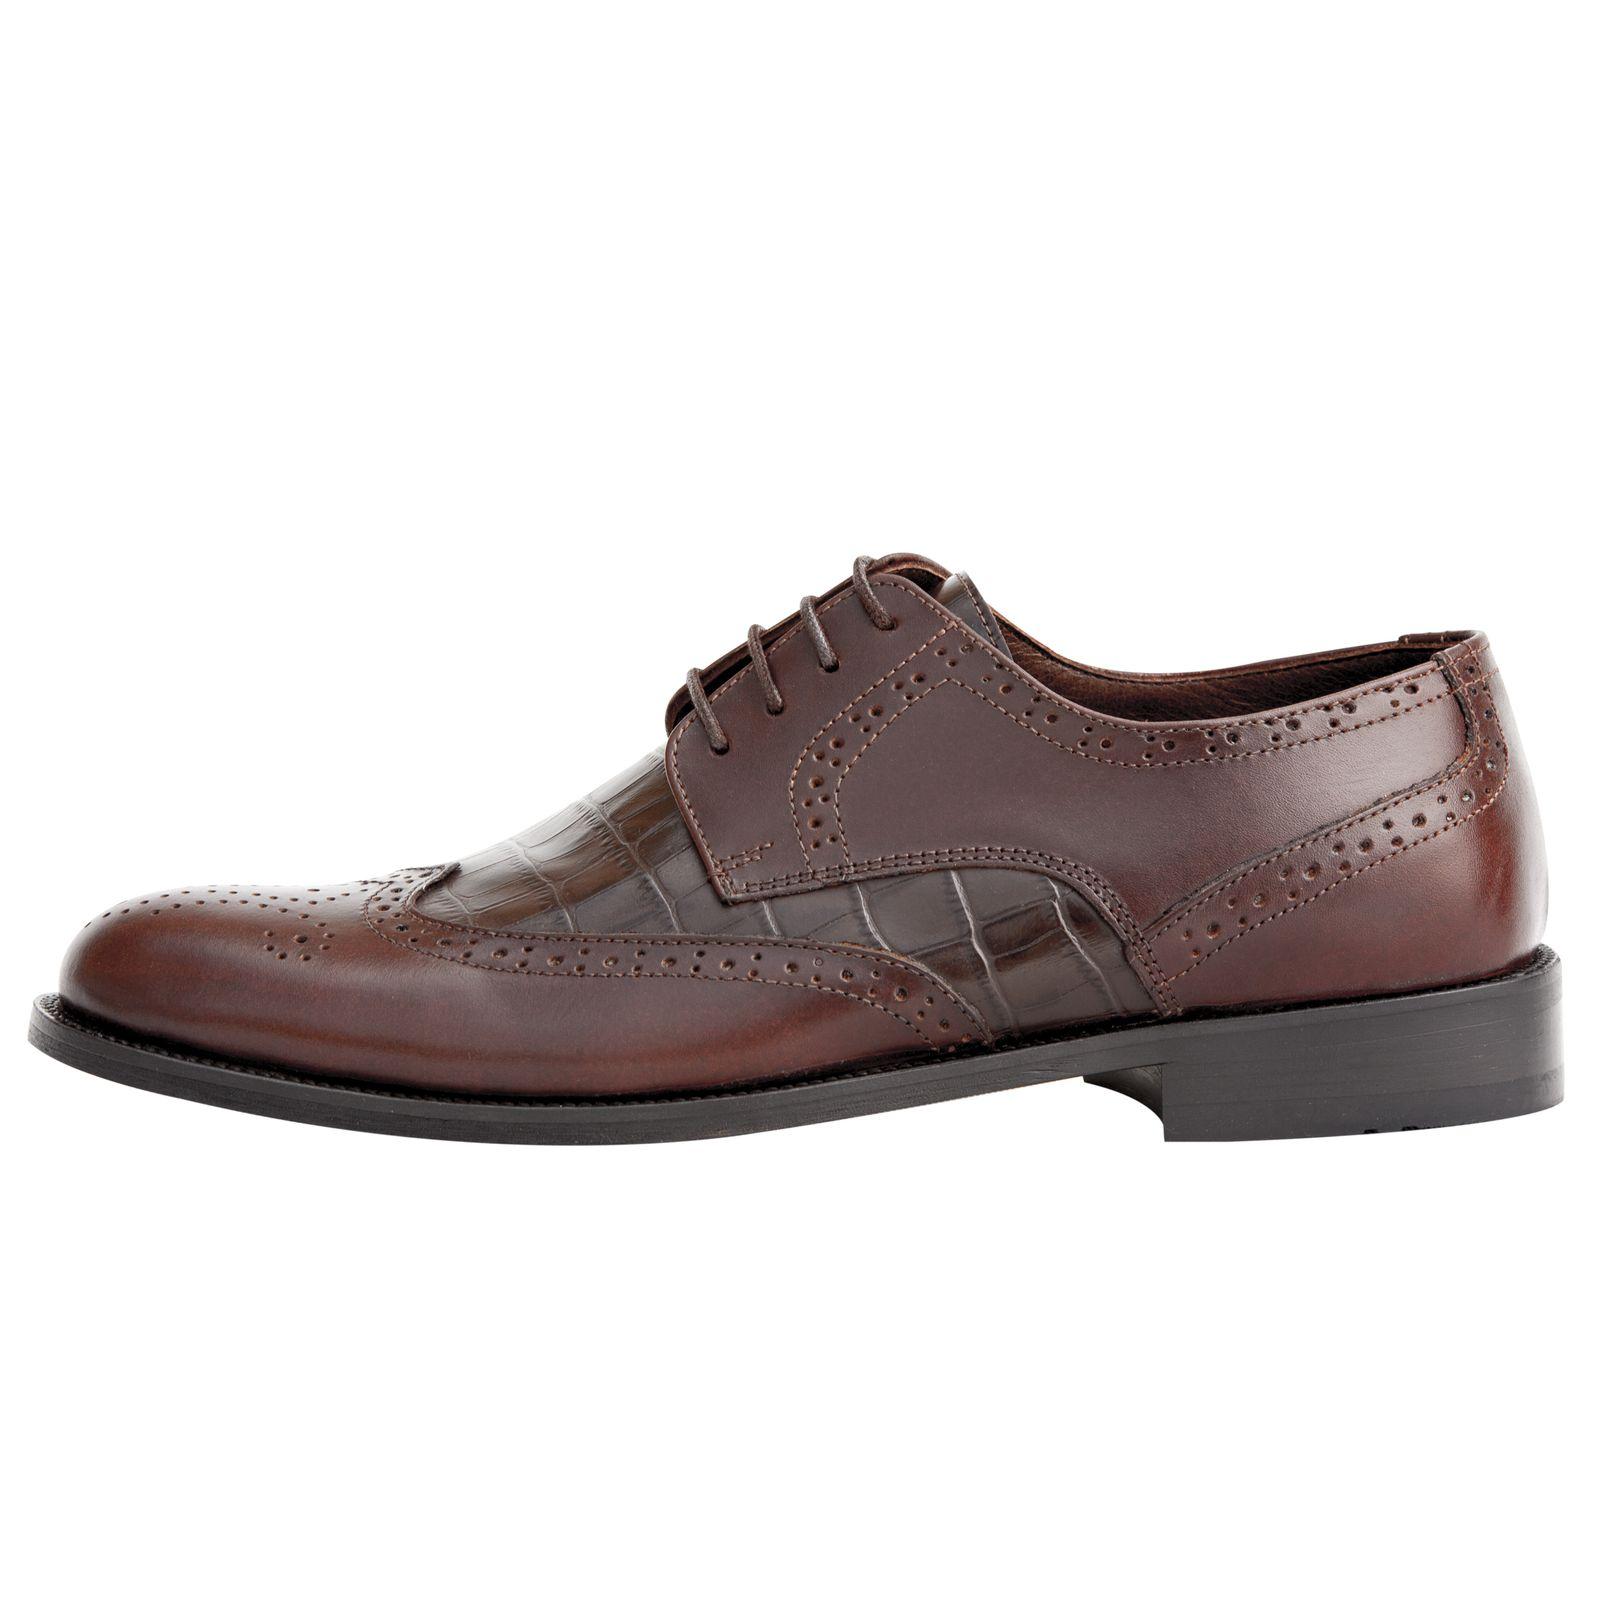 کفش مردانه فری مود کد 1518 رنگ قهوه ای -  - 2